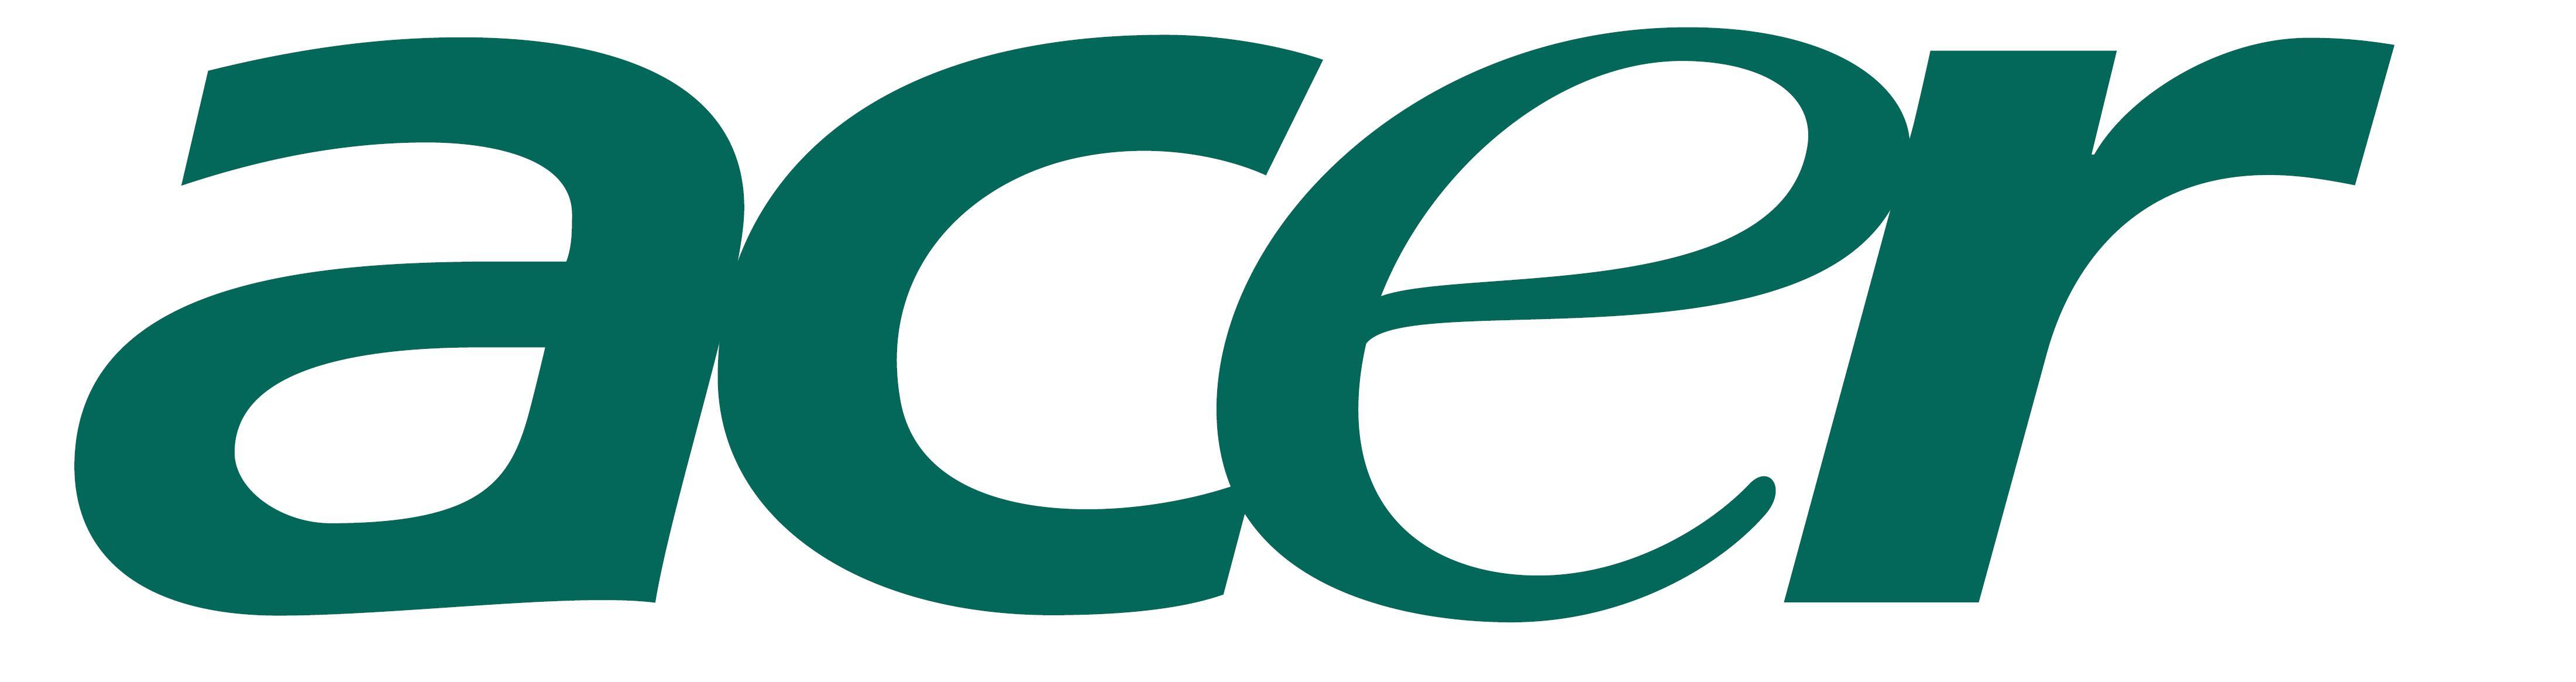 http://www.acer.com/ac/th/TH/content/home#_ga=1.245458115.658093905.1457587729